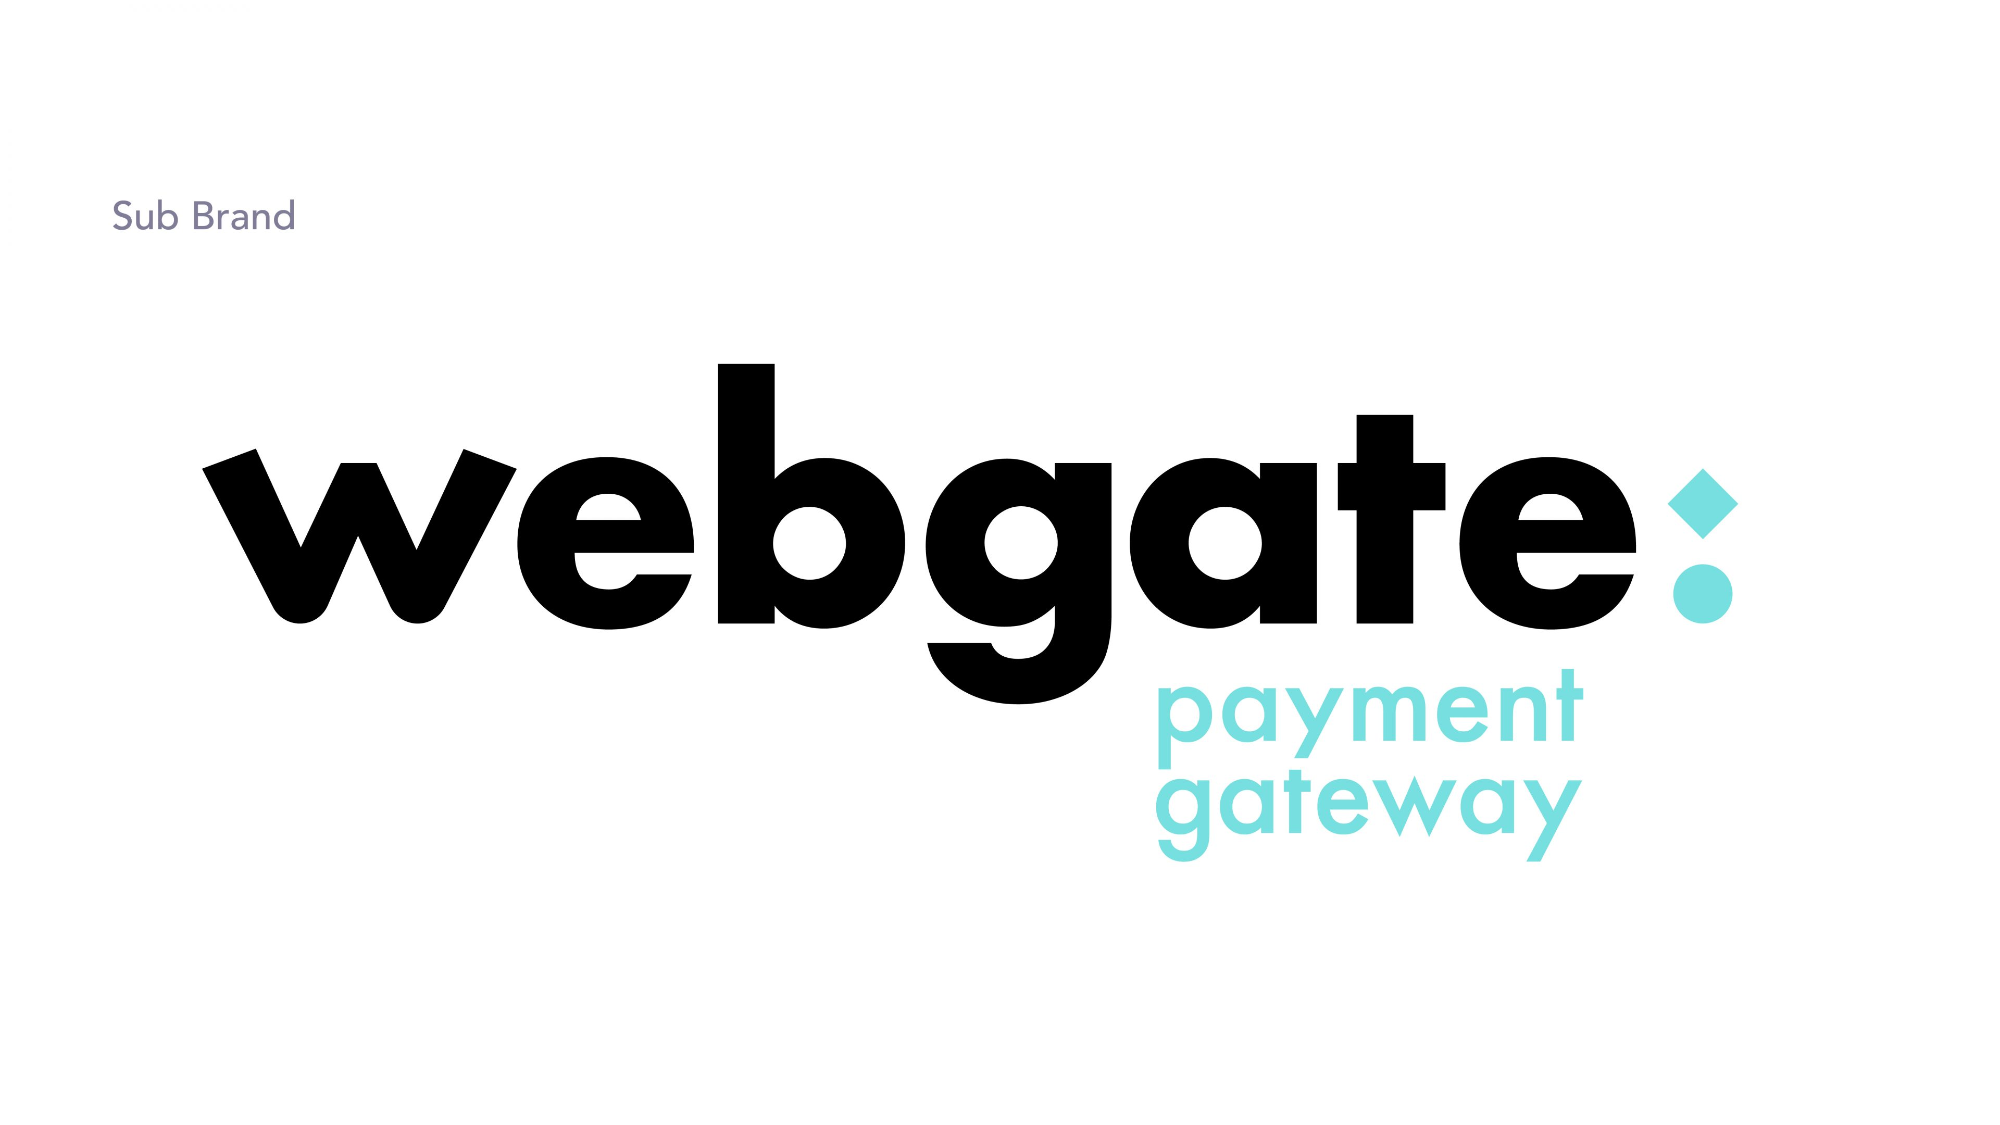 Webgate payment gateway brand logo